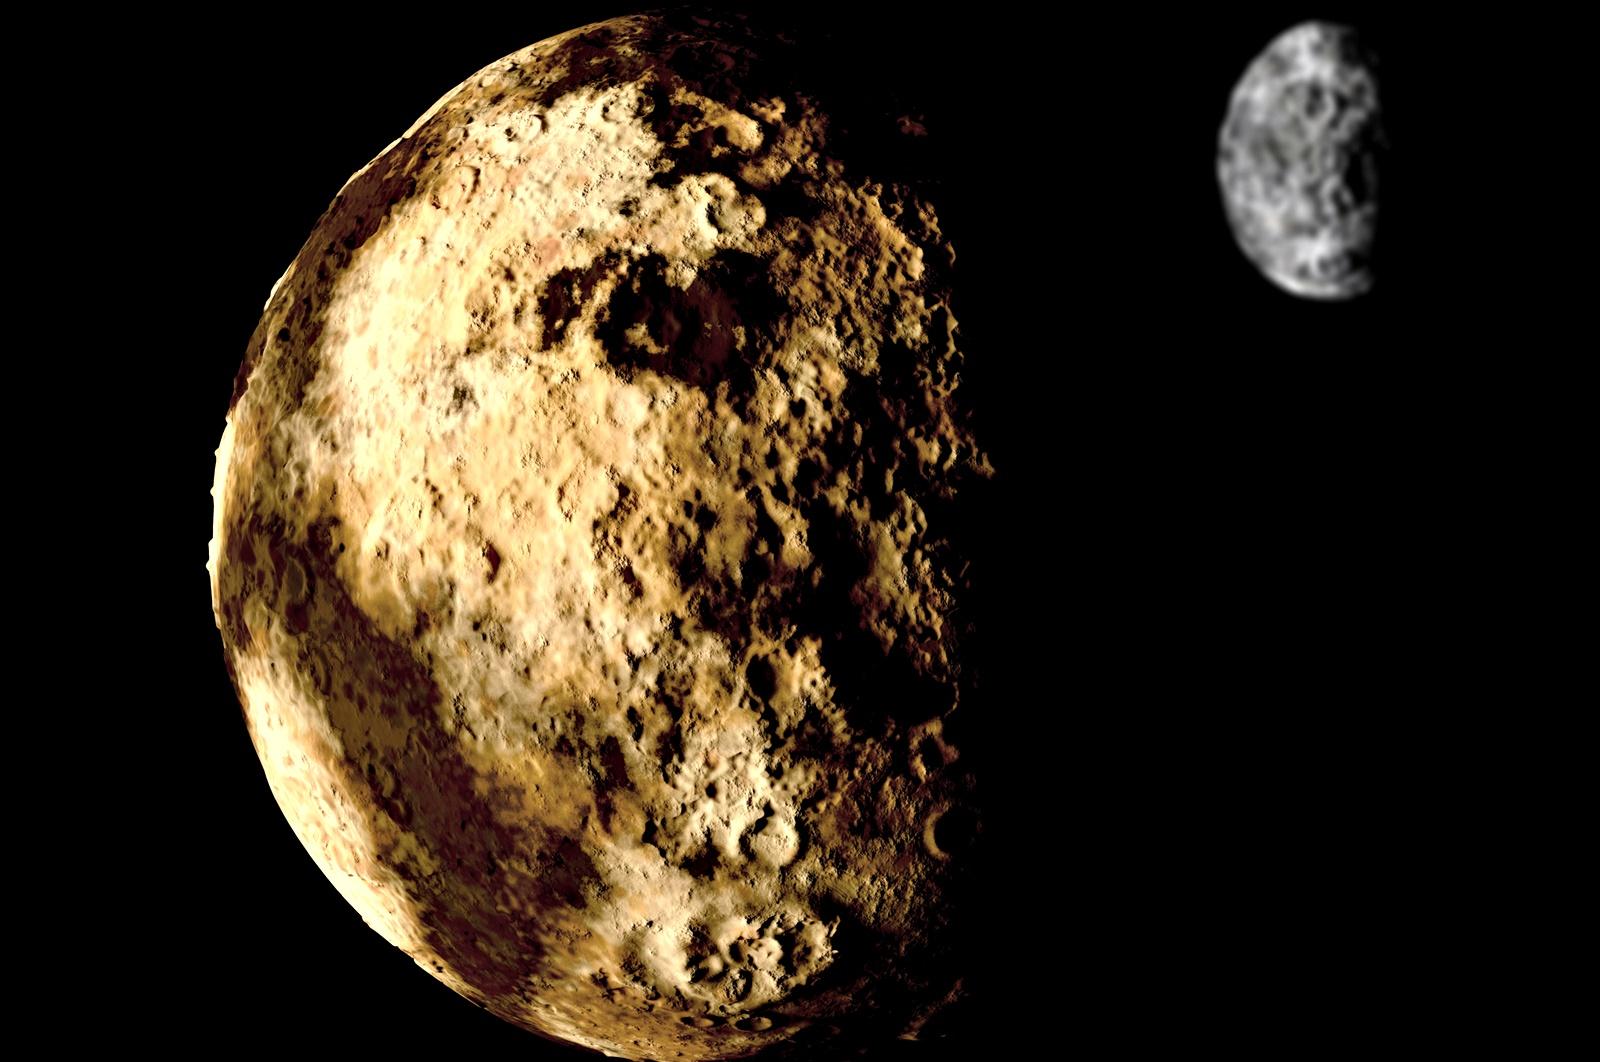 Планета ли е Плутон?<br /> На 24 Август 2006 г. Плутон е изхвърлен от планетарното семейство на Слънцето, тъй като се проваля по третата точка от новото определение за планета, а именно да не е сателит на друга планета и да няма в своята орбита други подобни по размер формации - до него е сравнимият с него по големина спътник Харон, с който обикалят около общ център. И въпреки че учените достигат до някакво решение през 2006 г., те не достигат до консенсус и въпросът за статута на Плутон продължава да се обсъжда и до днес.